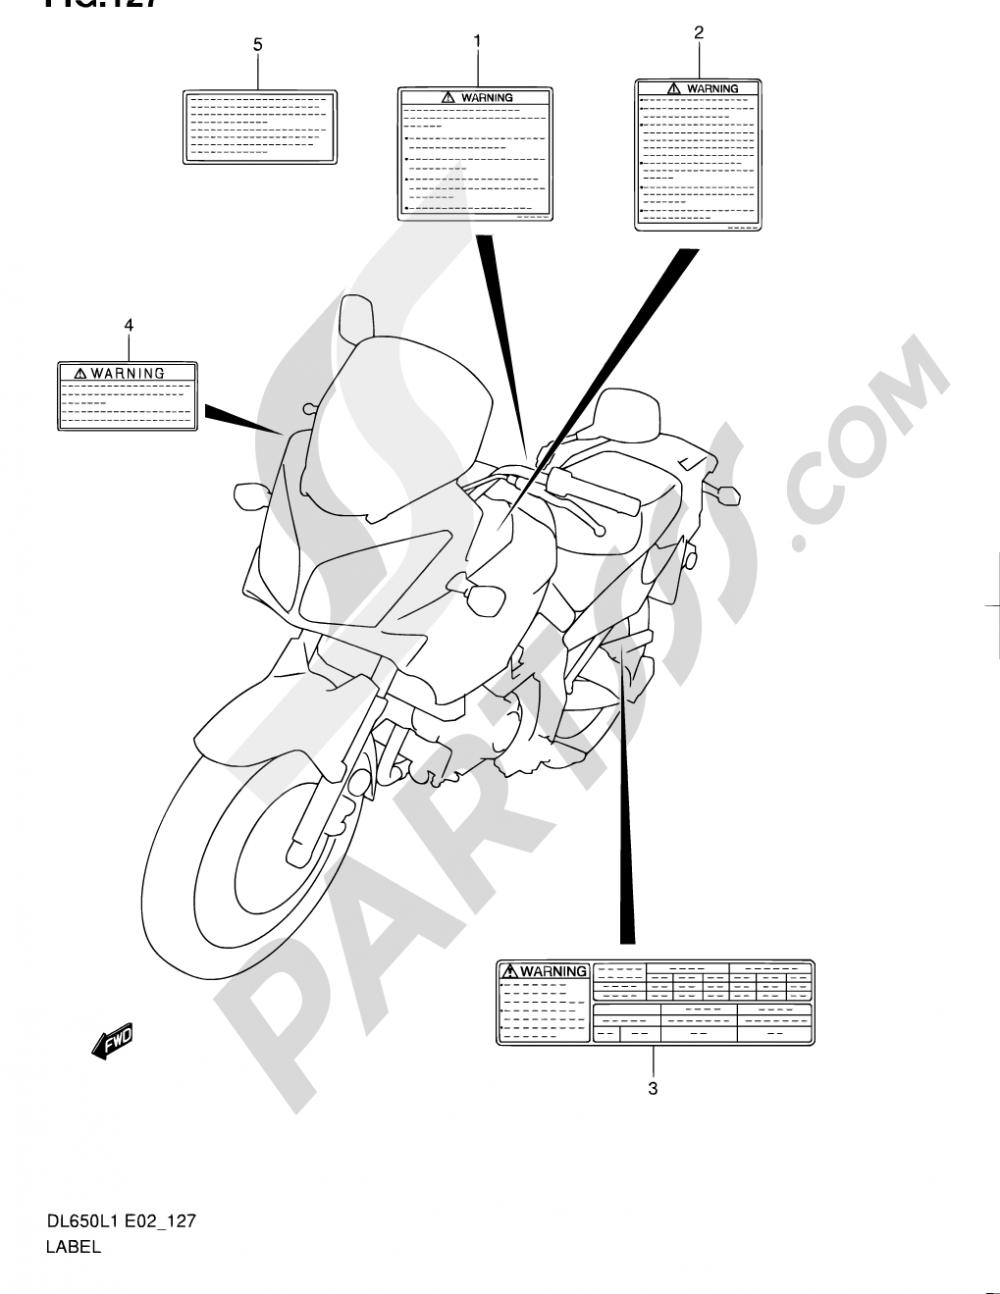 127 - LABEL (DL650UEL1 E19) Suzuki VSTROM DL650A 2011